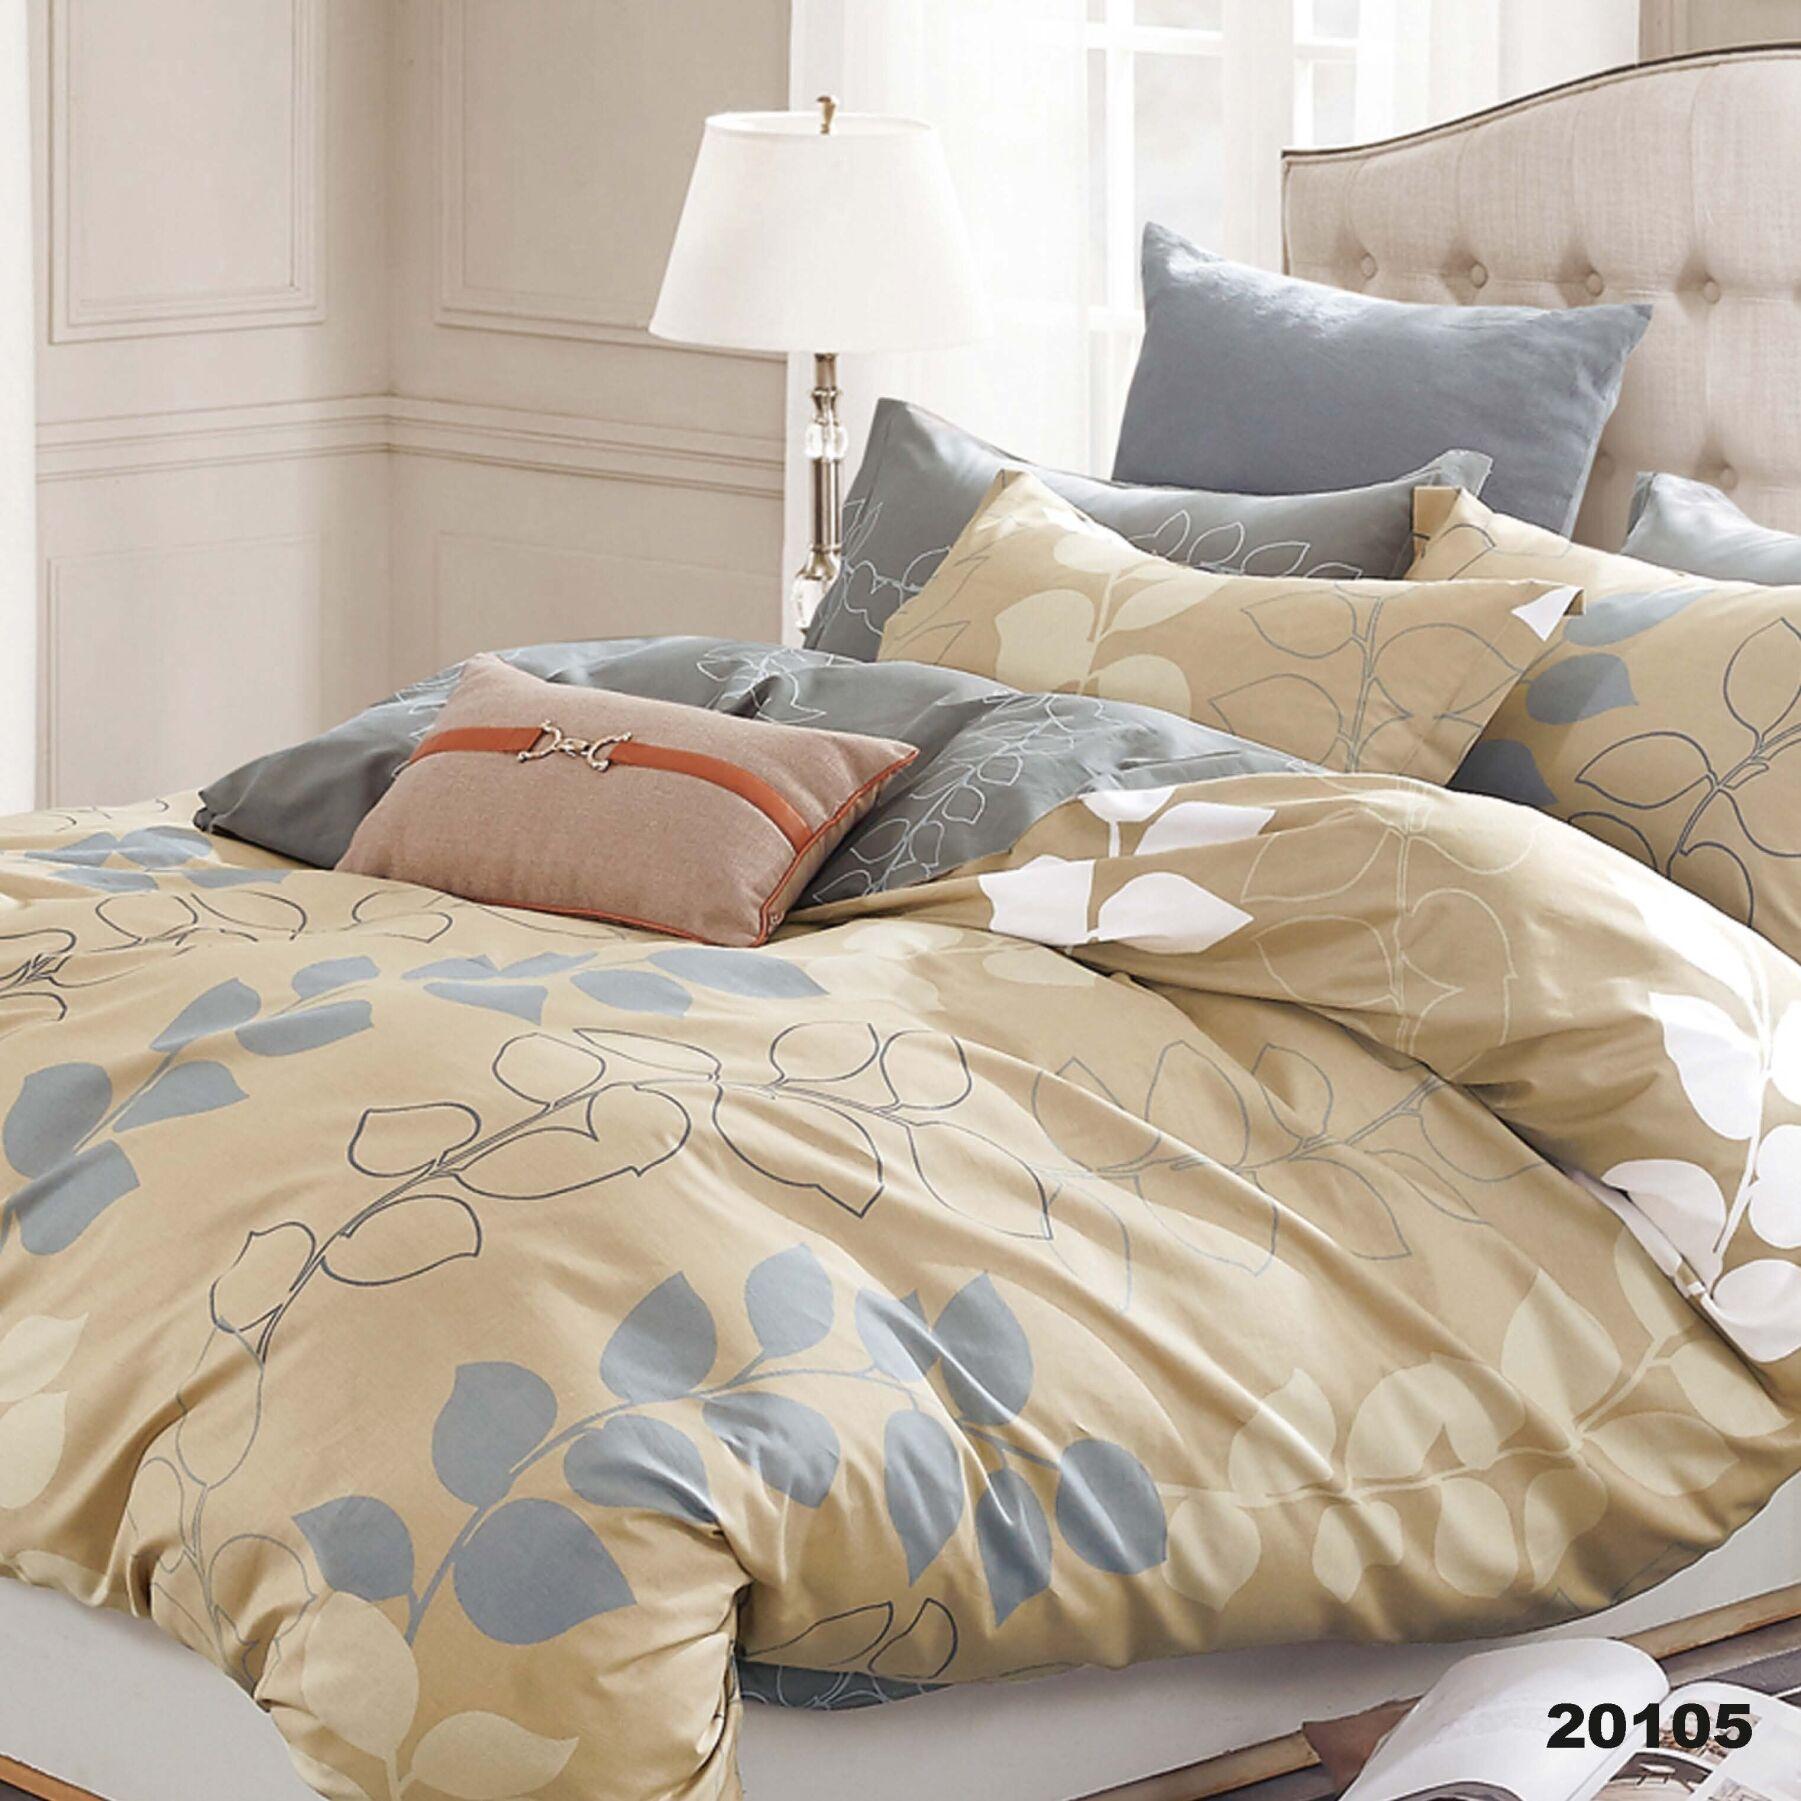 Как выбрать домашний текстиль в интернет-магазине